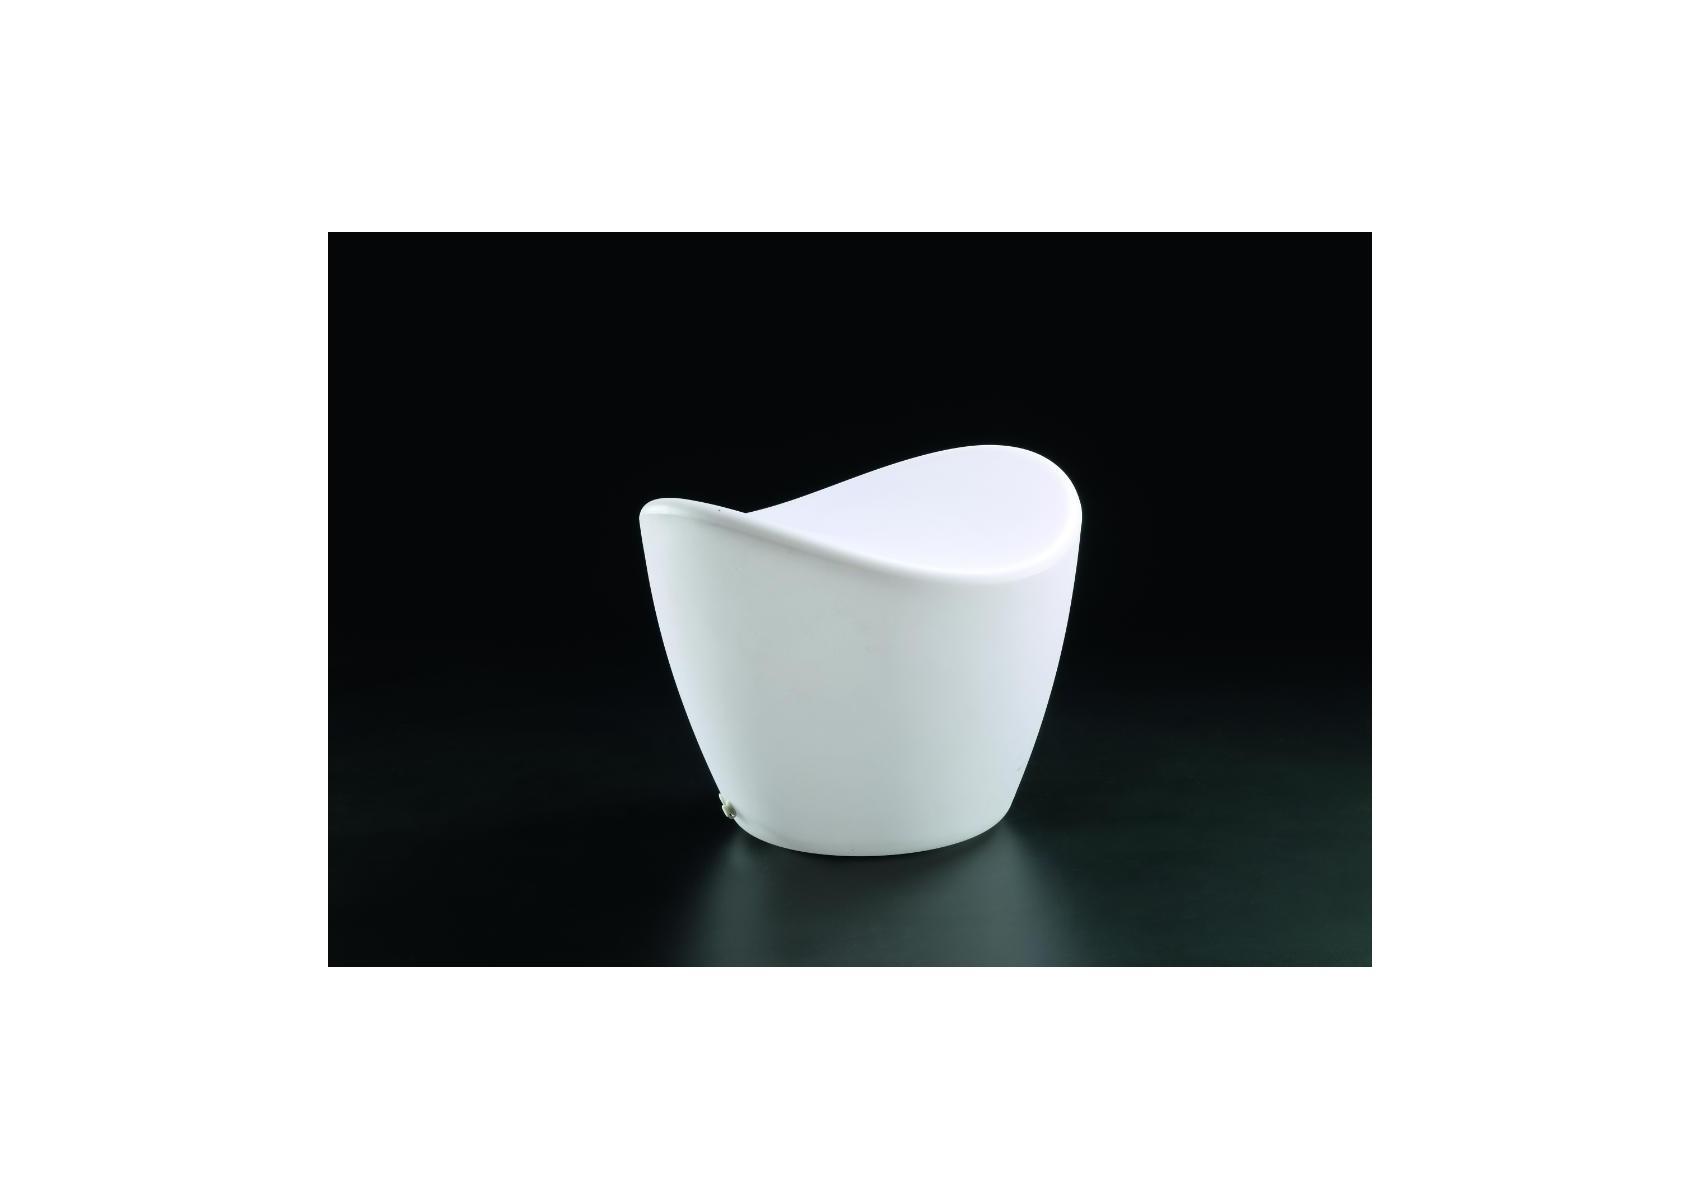 Pouf cool ext rieur lumineux rgb ip65 mantra boite design for Pouf d exterieur